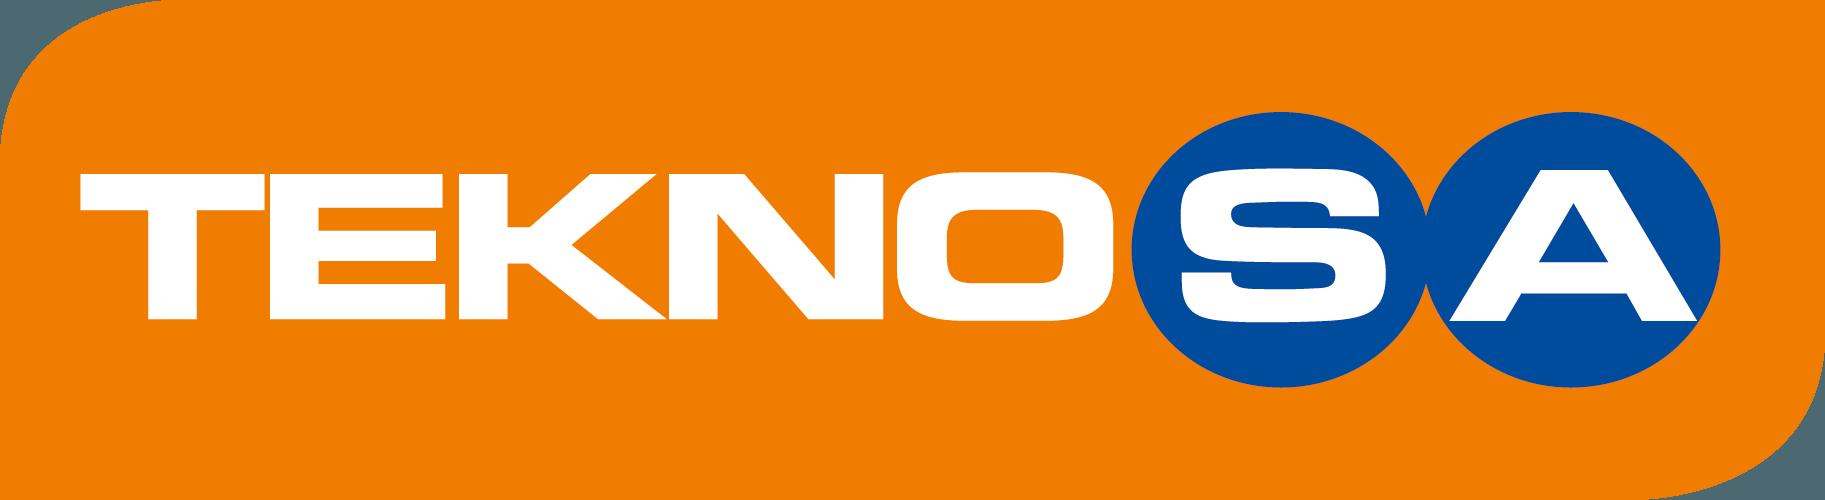 Teknosa Logo png